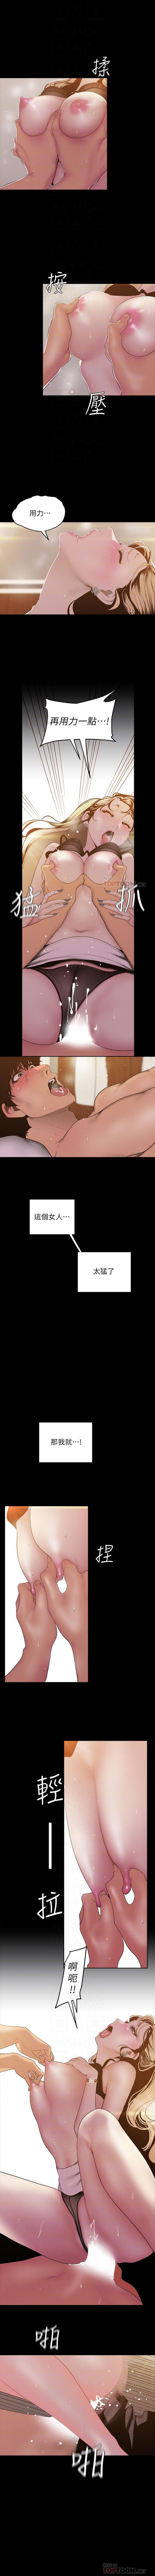 (週1)美麗新世界 1-70 中文翻譯 (更新中) 555